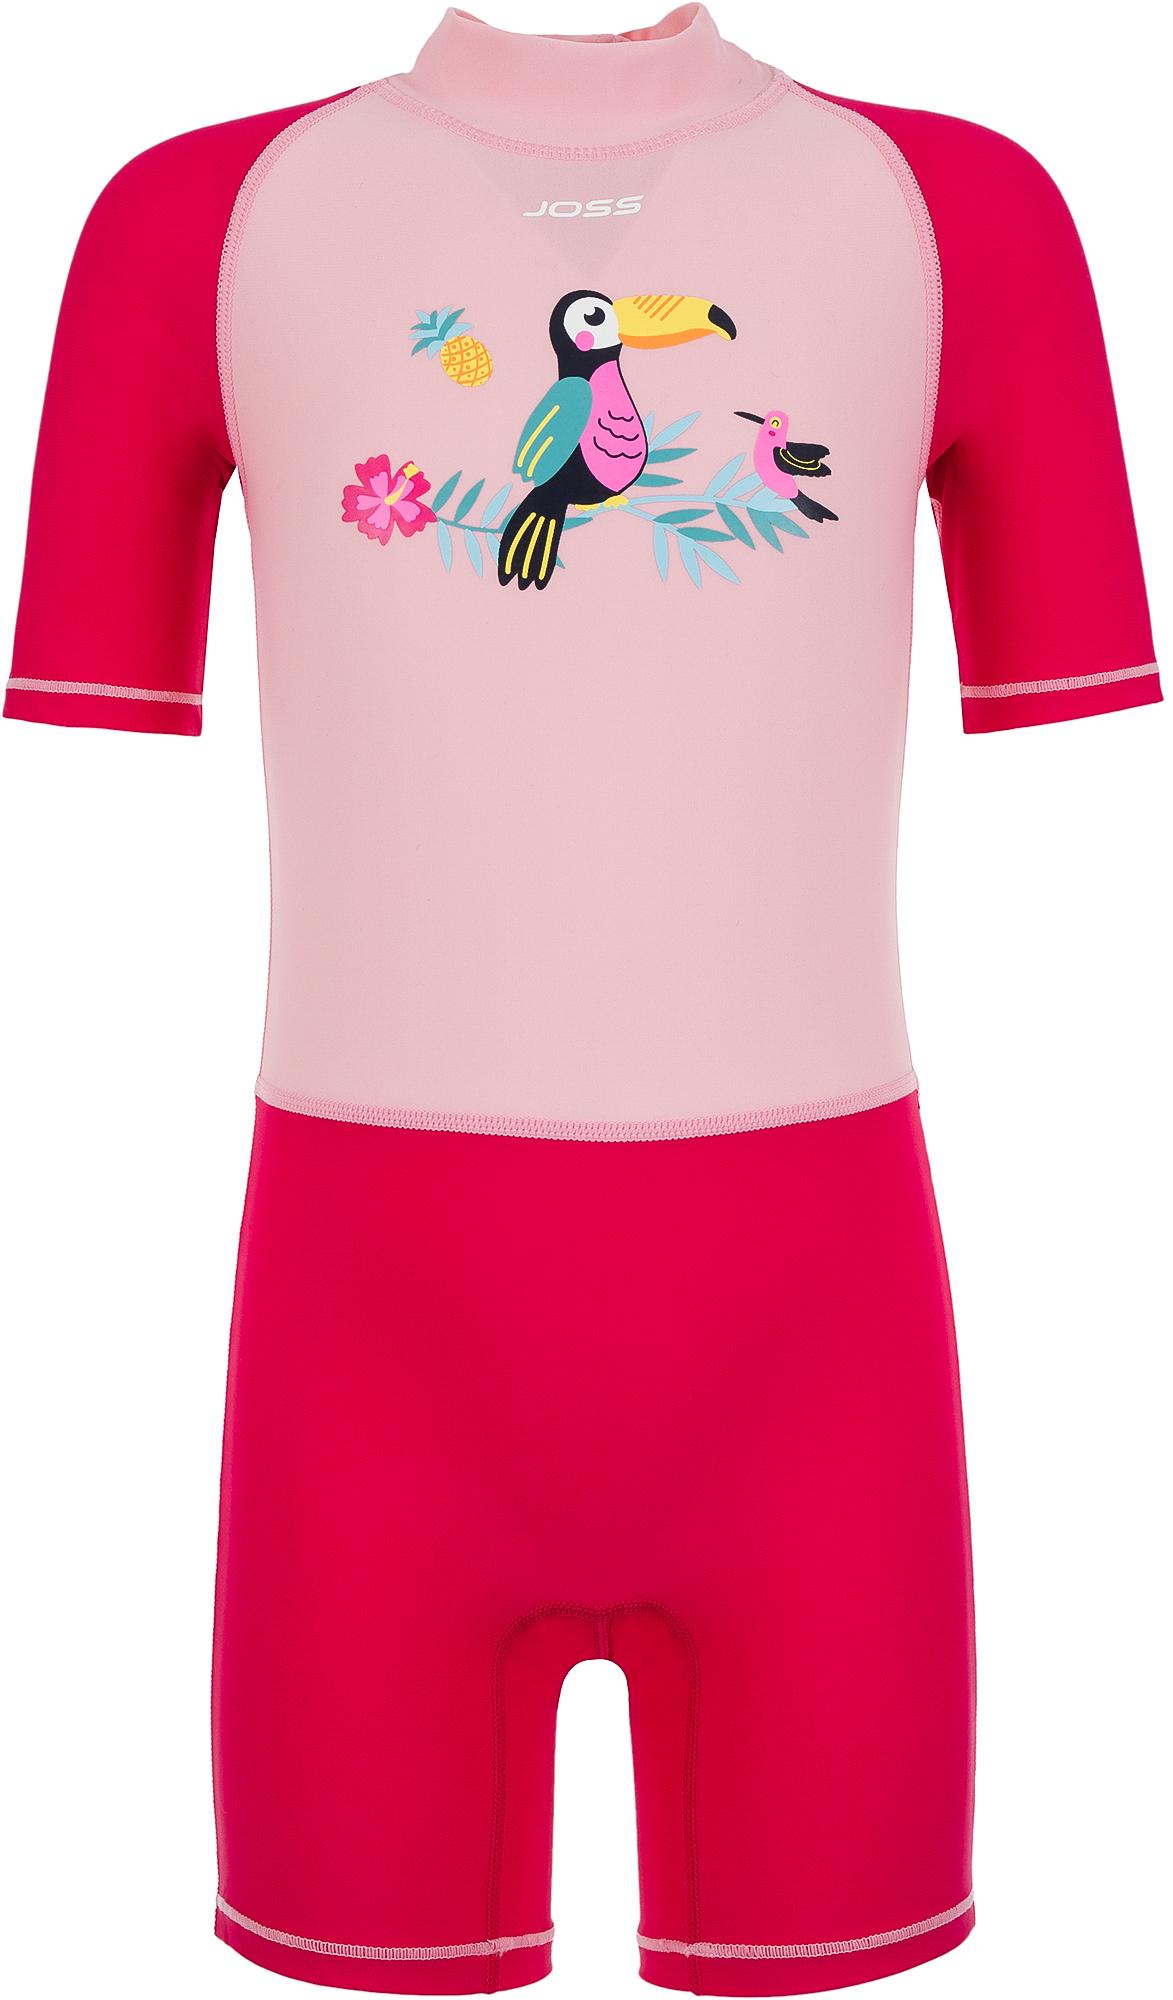 Joss Купальный костюм для девочек Joss, размер 122